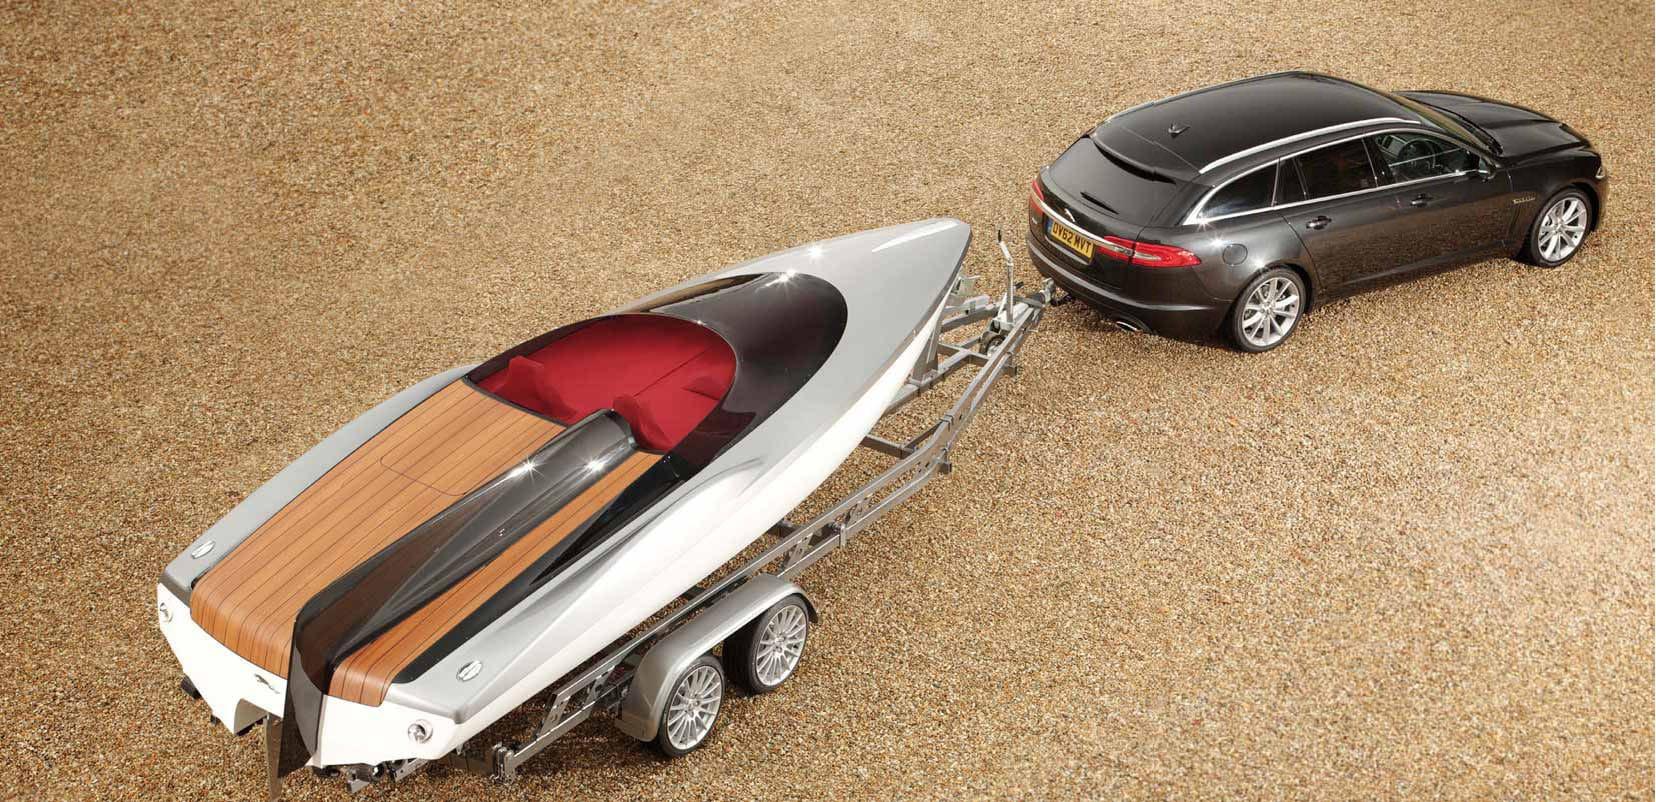 La Jaguar XF Sportbrake e il motoscafo disegnato da Ian Callum in occasione del lancio del nuovo modello della Casa inglese